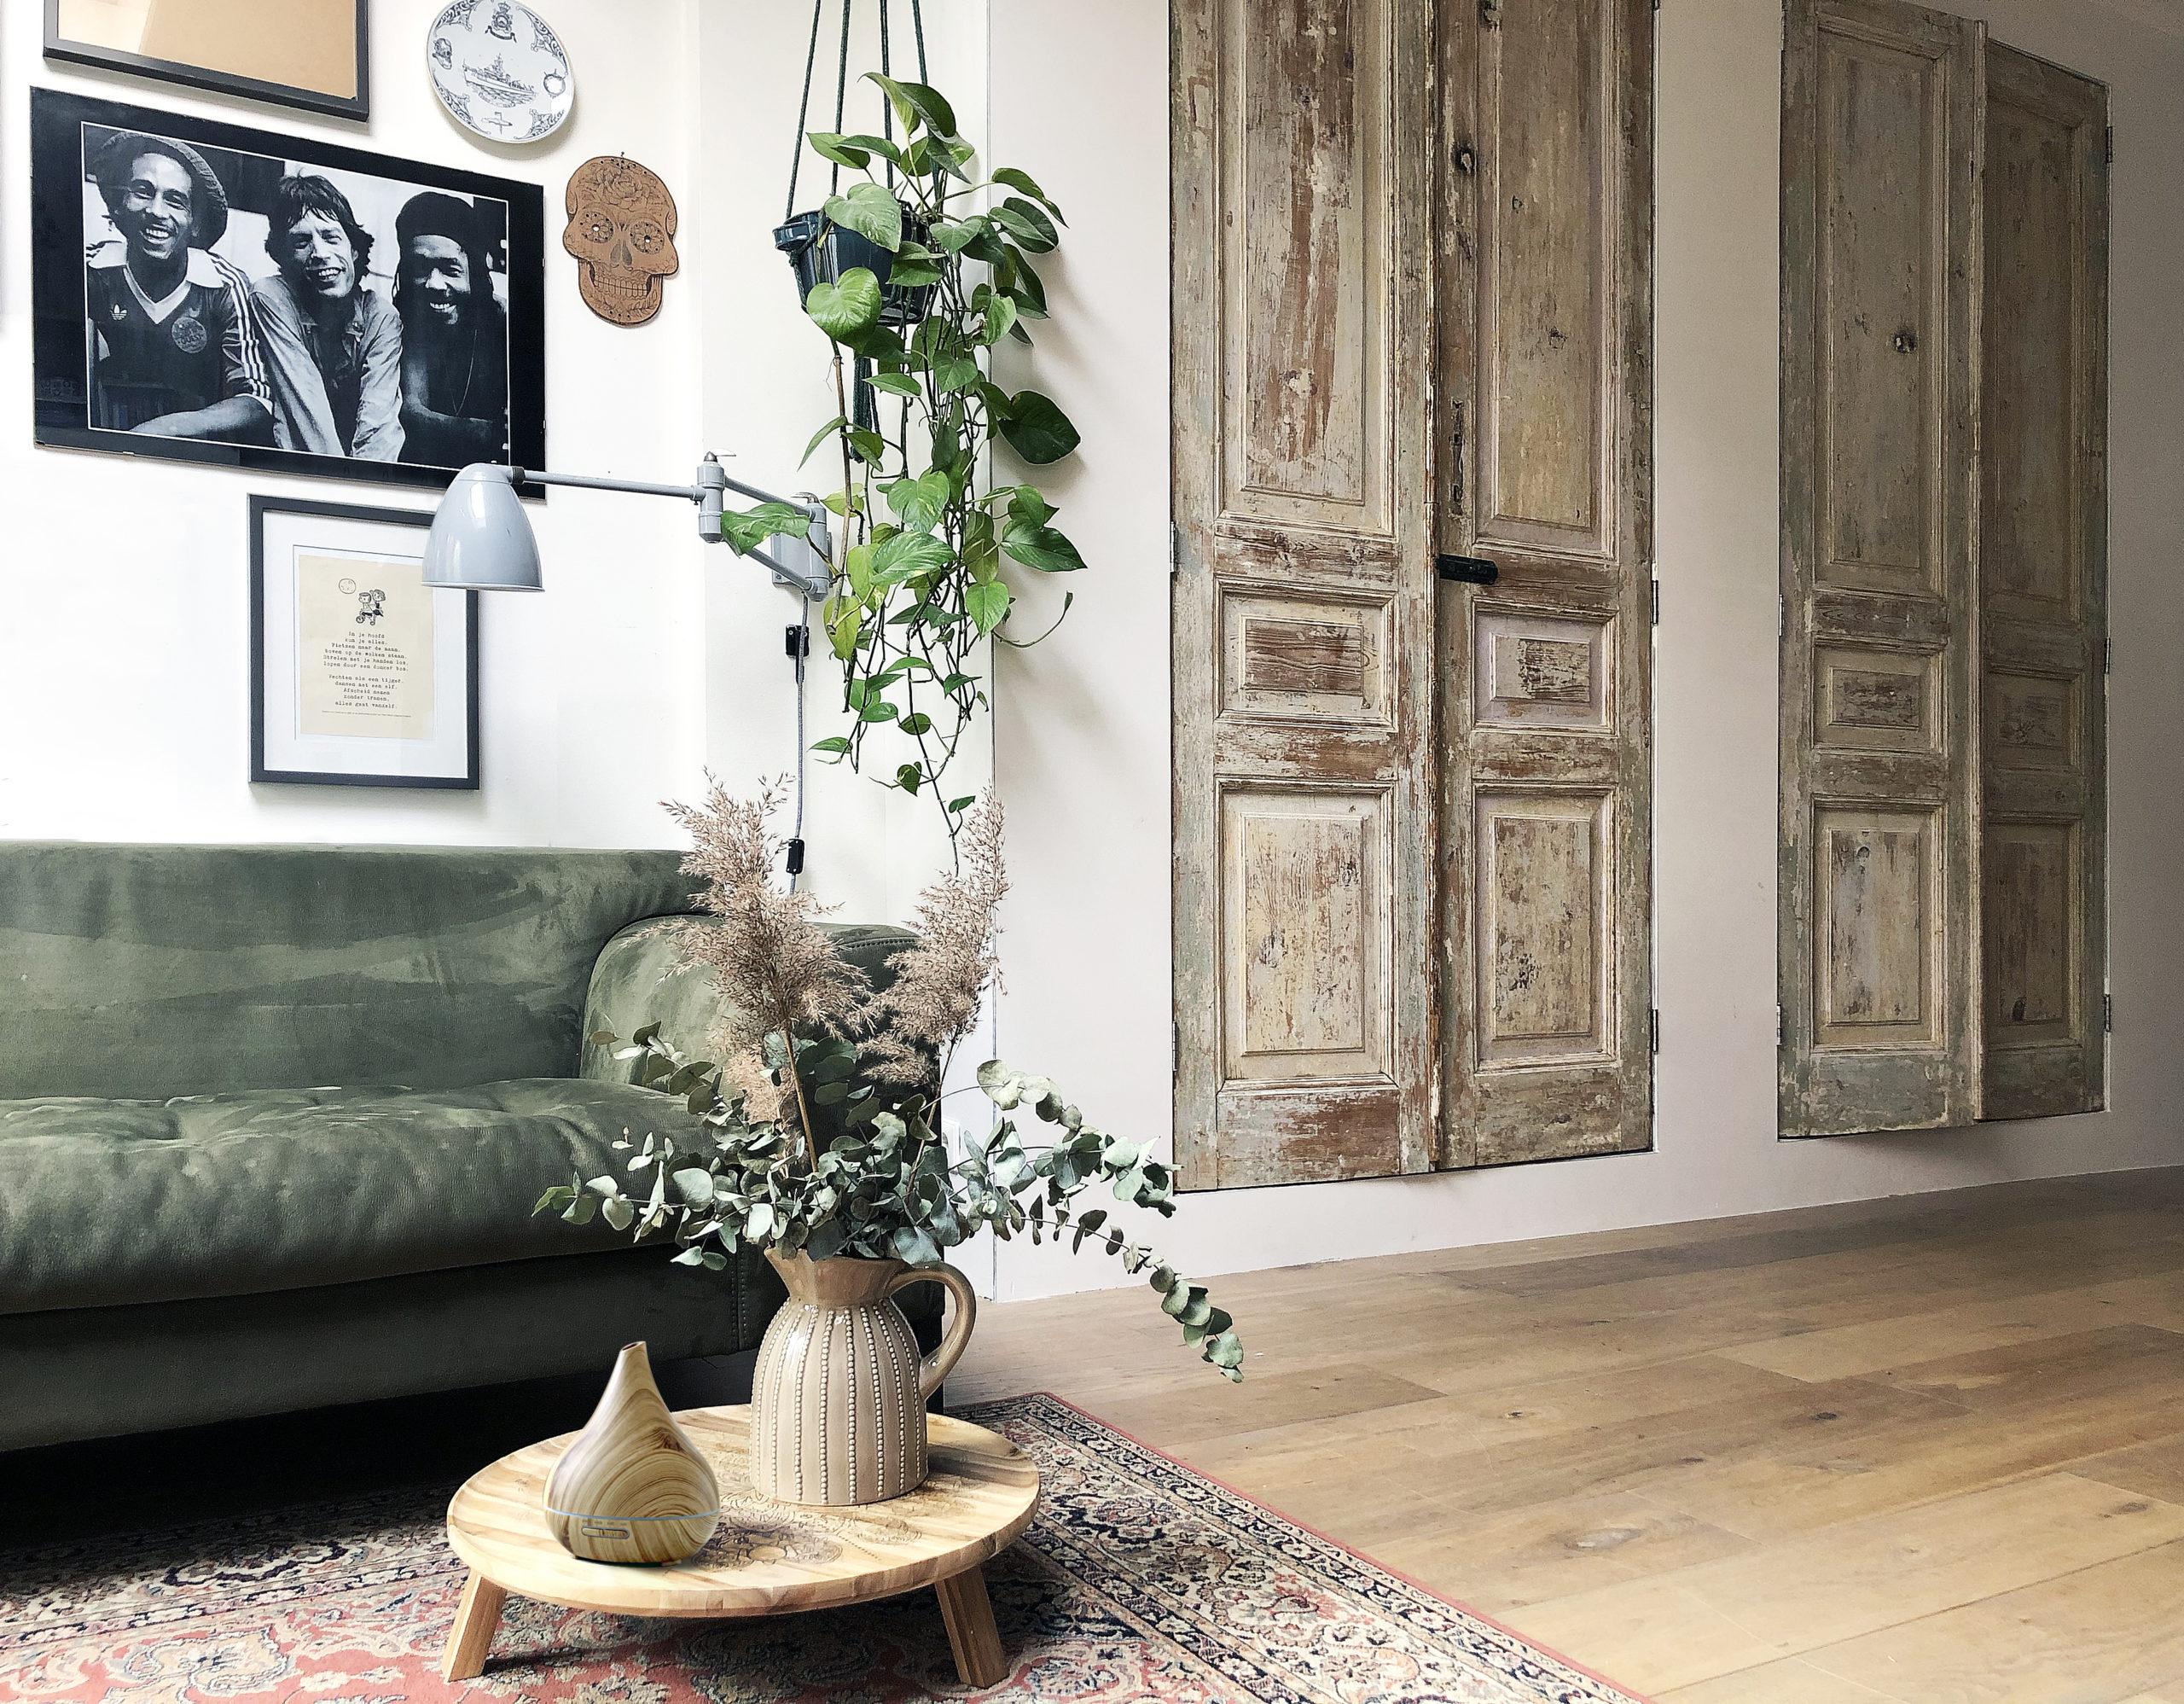 interieurdesign hergebruik materialen oude deuren